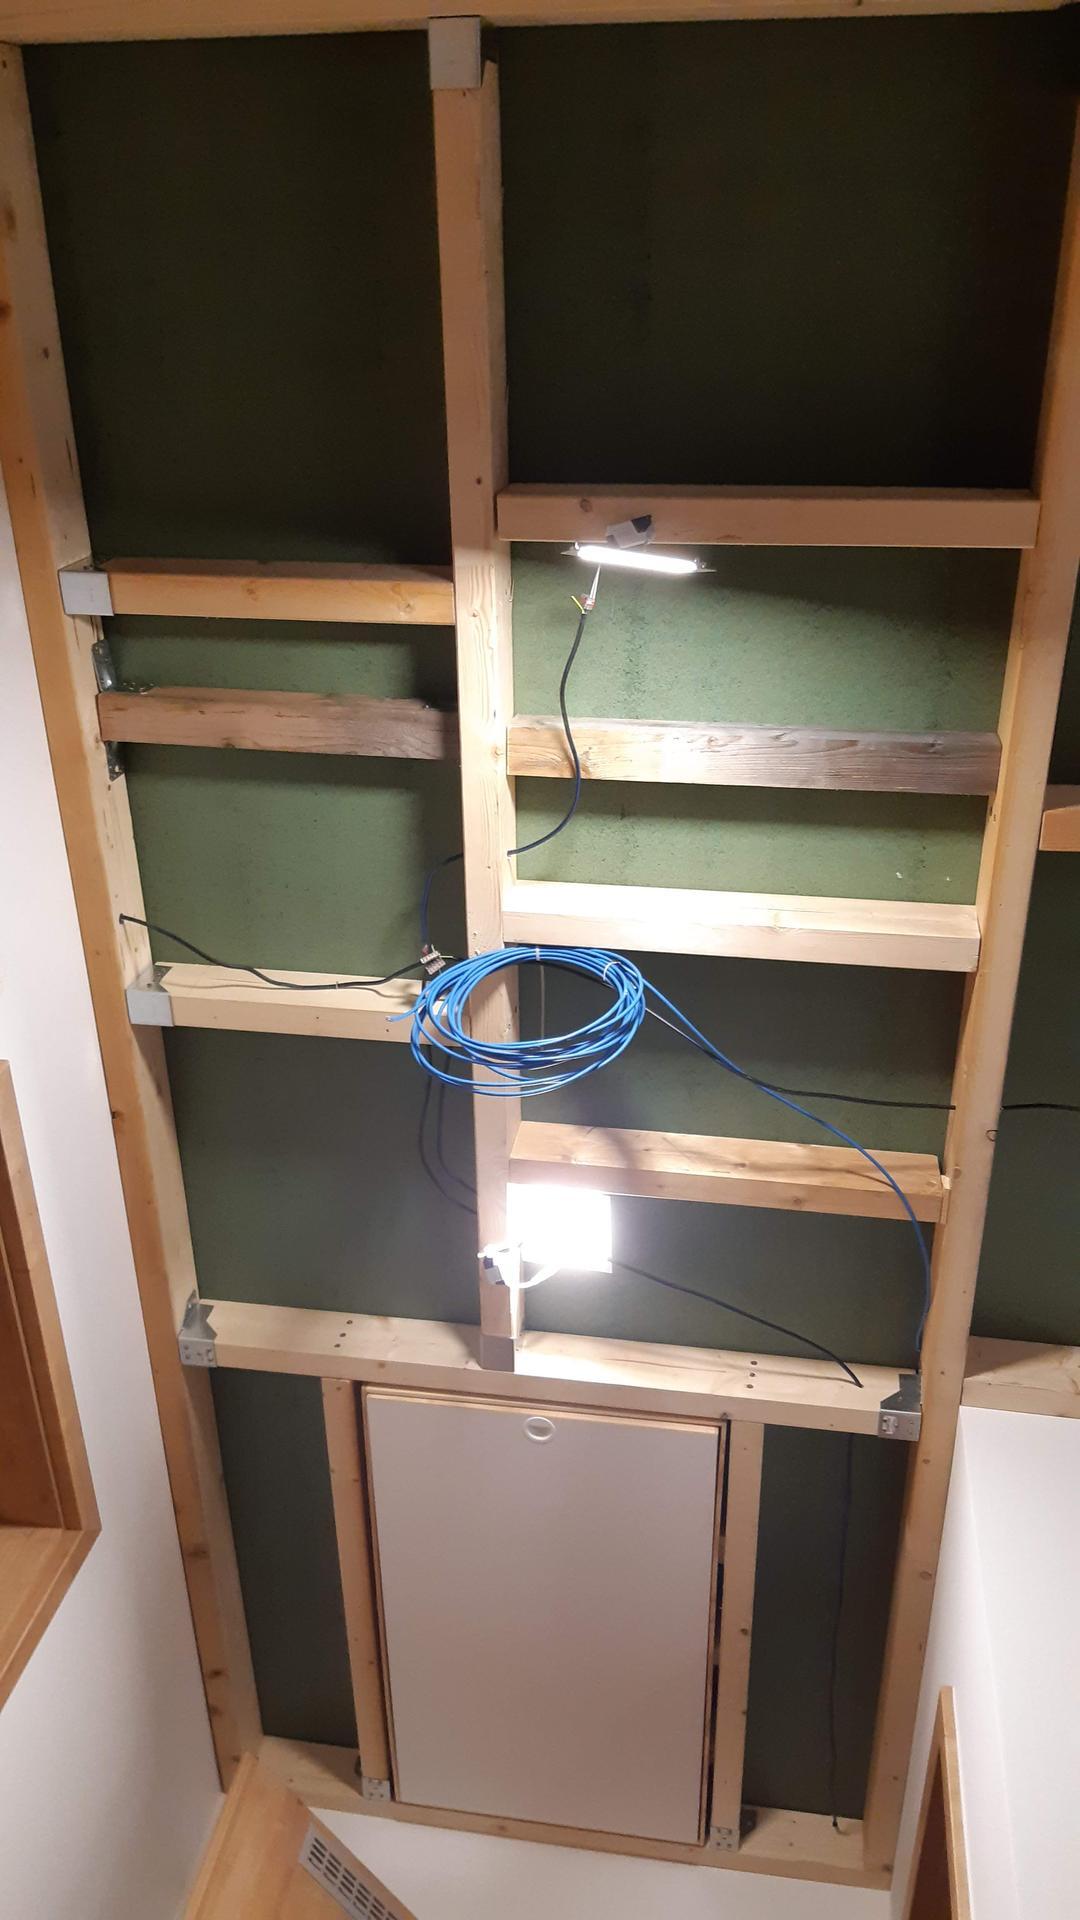 Půda - Kubis 74 - Natažena kabeláž na světla a UTP na přepojení požárního čidla. Do rastru doplněny i užší trámky kvůli podpěře spoje desek, které vycházely jinak než plánované spoje SDK ...